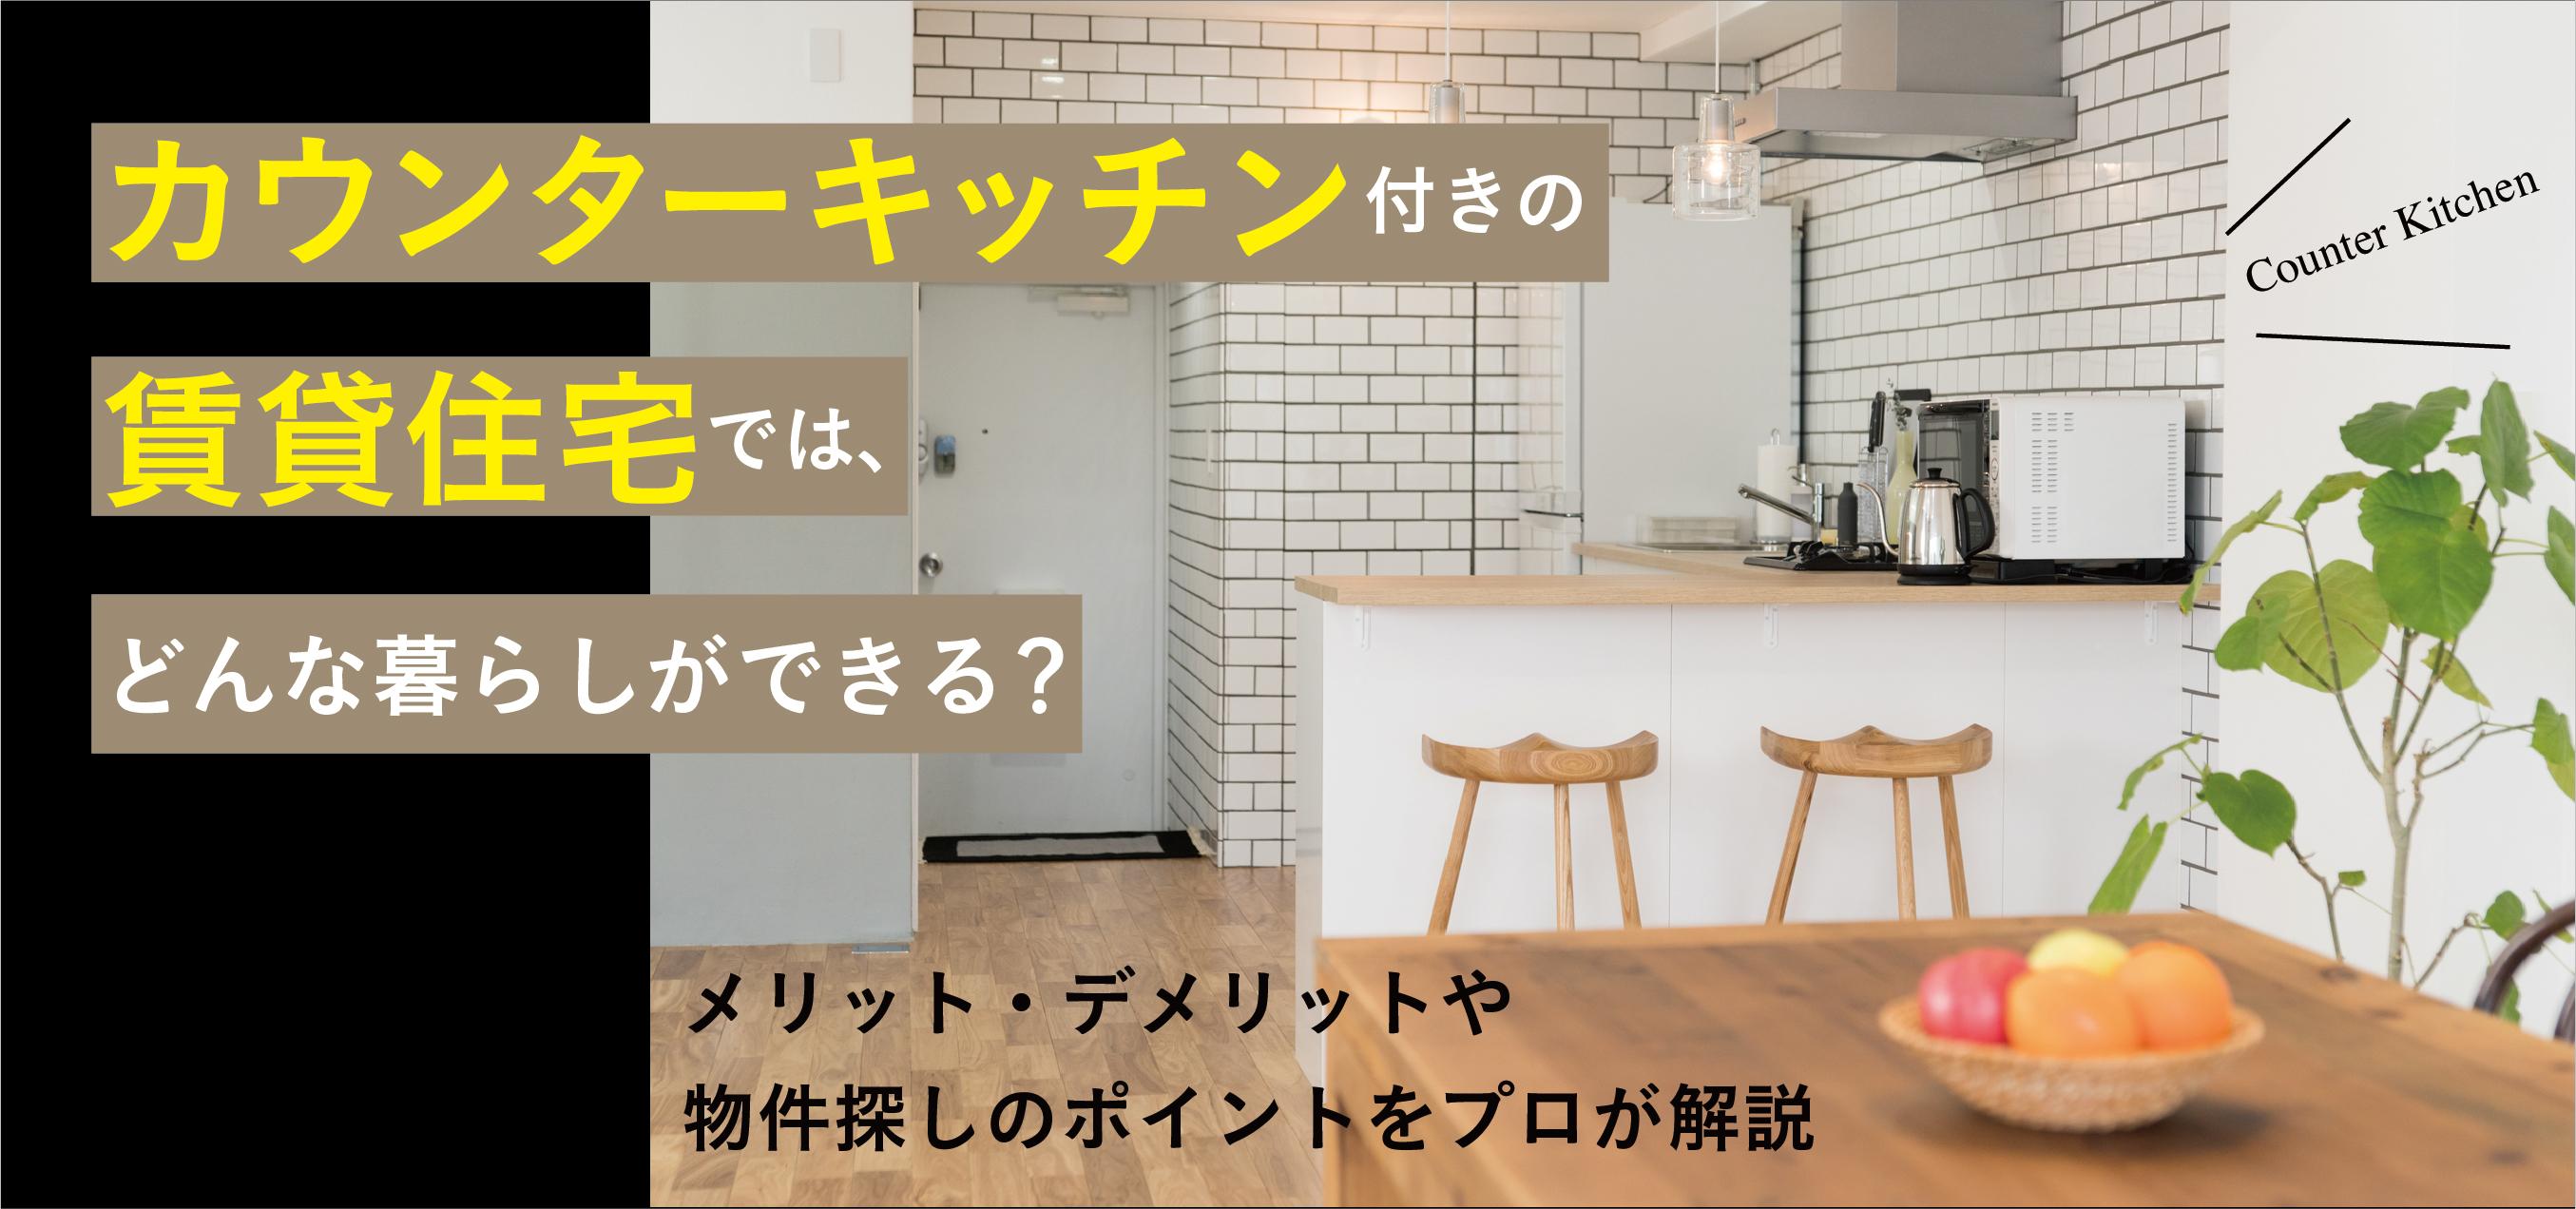 カウンターキッチン付きの賃貸住宅。一人暮らし物件にもあるの? メリット・デメリットや物件探しのポイントをプロが解説